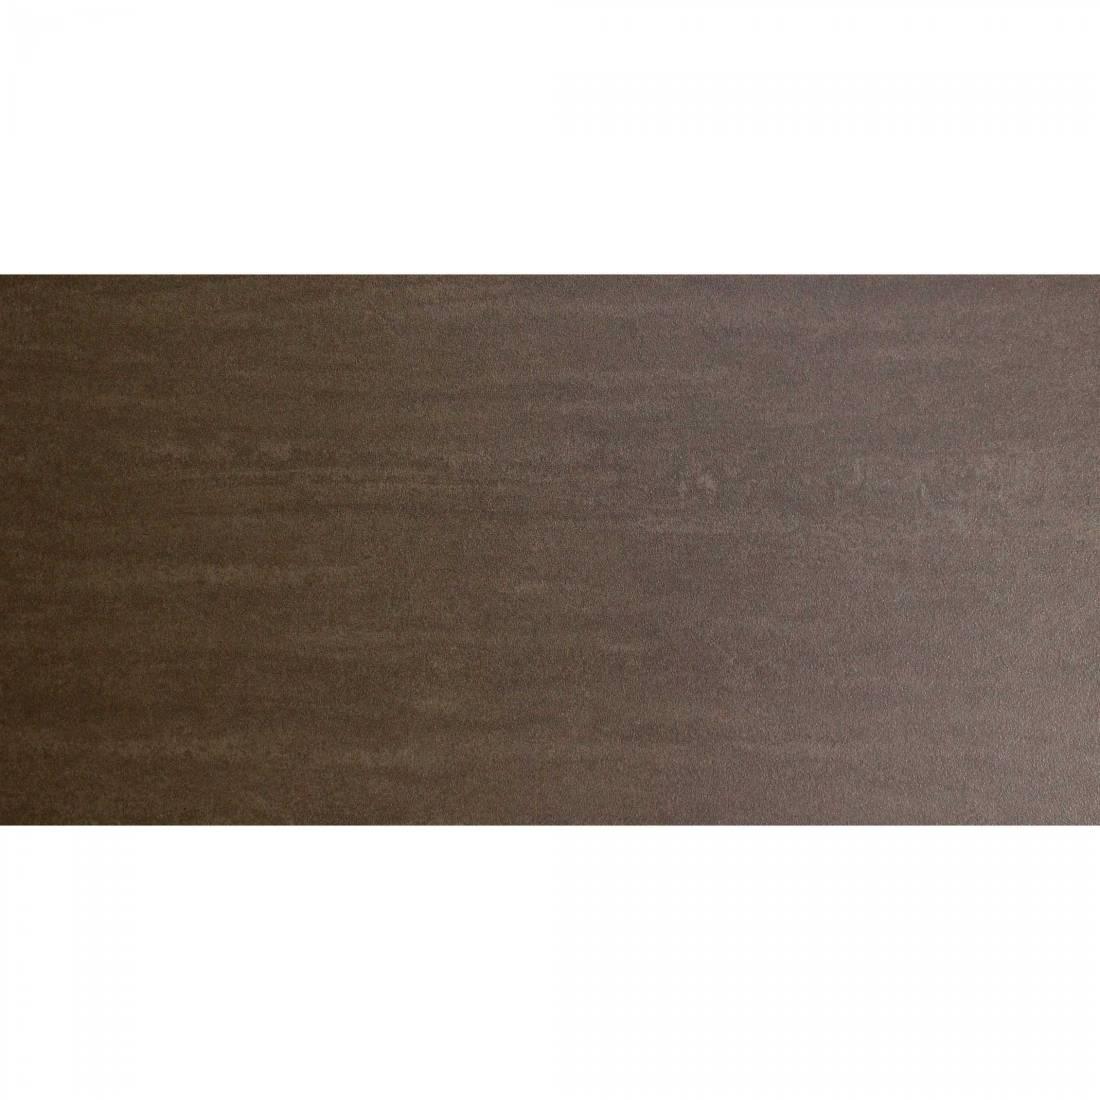 Bergamon 33x66 Brown Matt 1